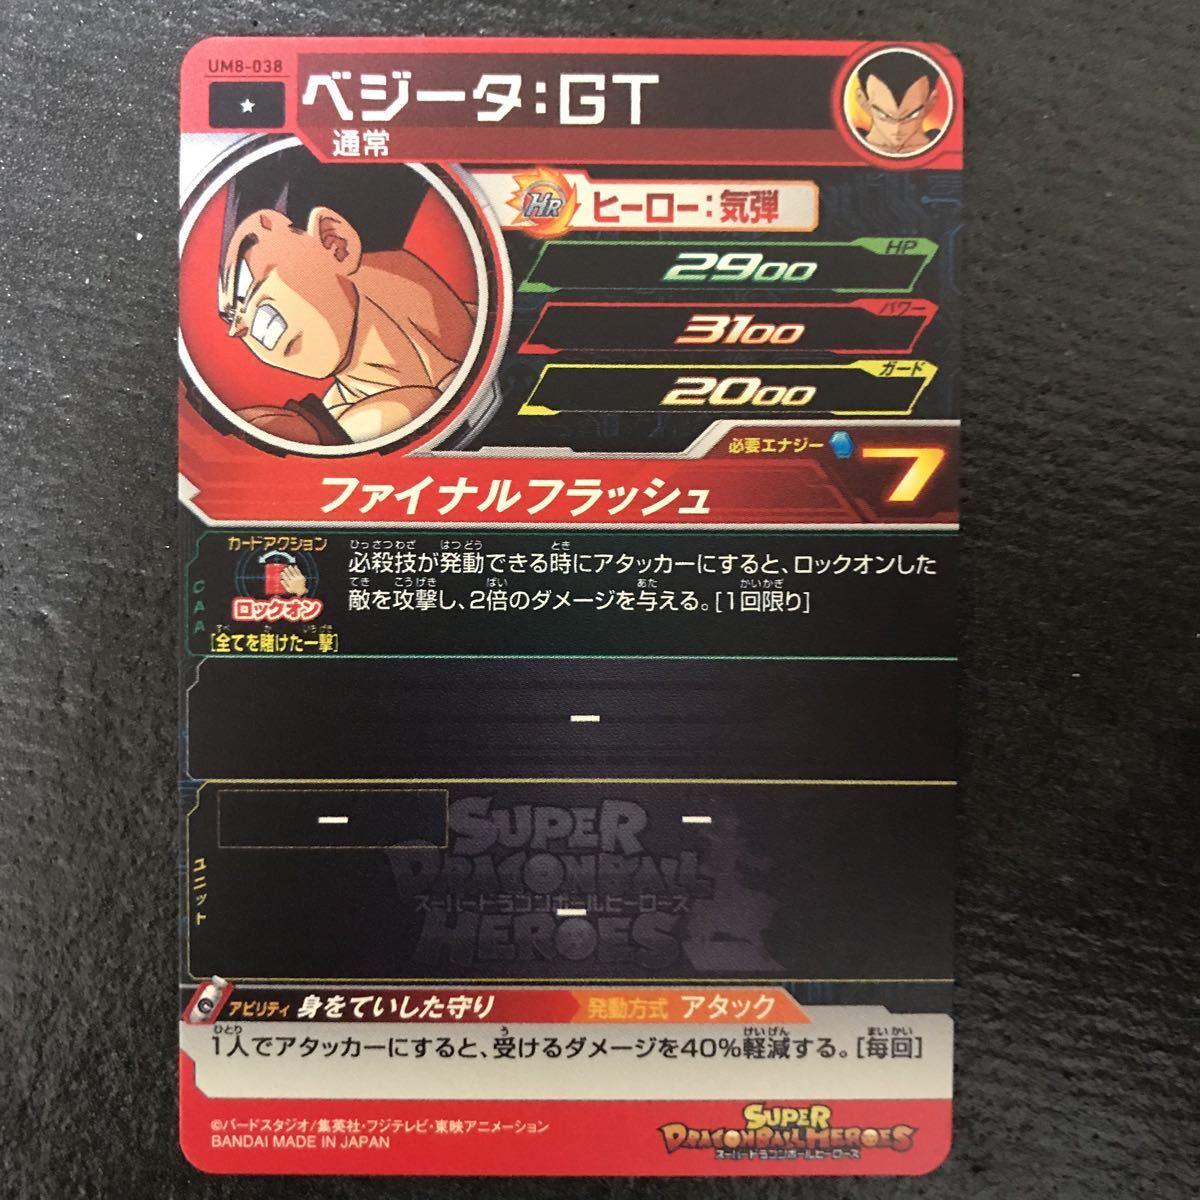 UM8弾コモン/ ベジータ:GT(通常)/ UM8-038/ 技:ファイナルフラッシュ/ スーパードラゴンボールヒーローズ/ レアリティ:☆/ BANDAI_画像2